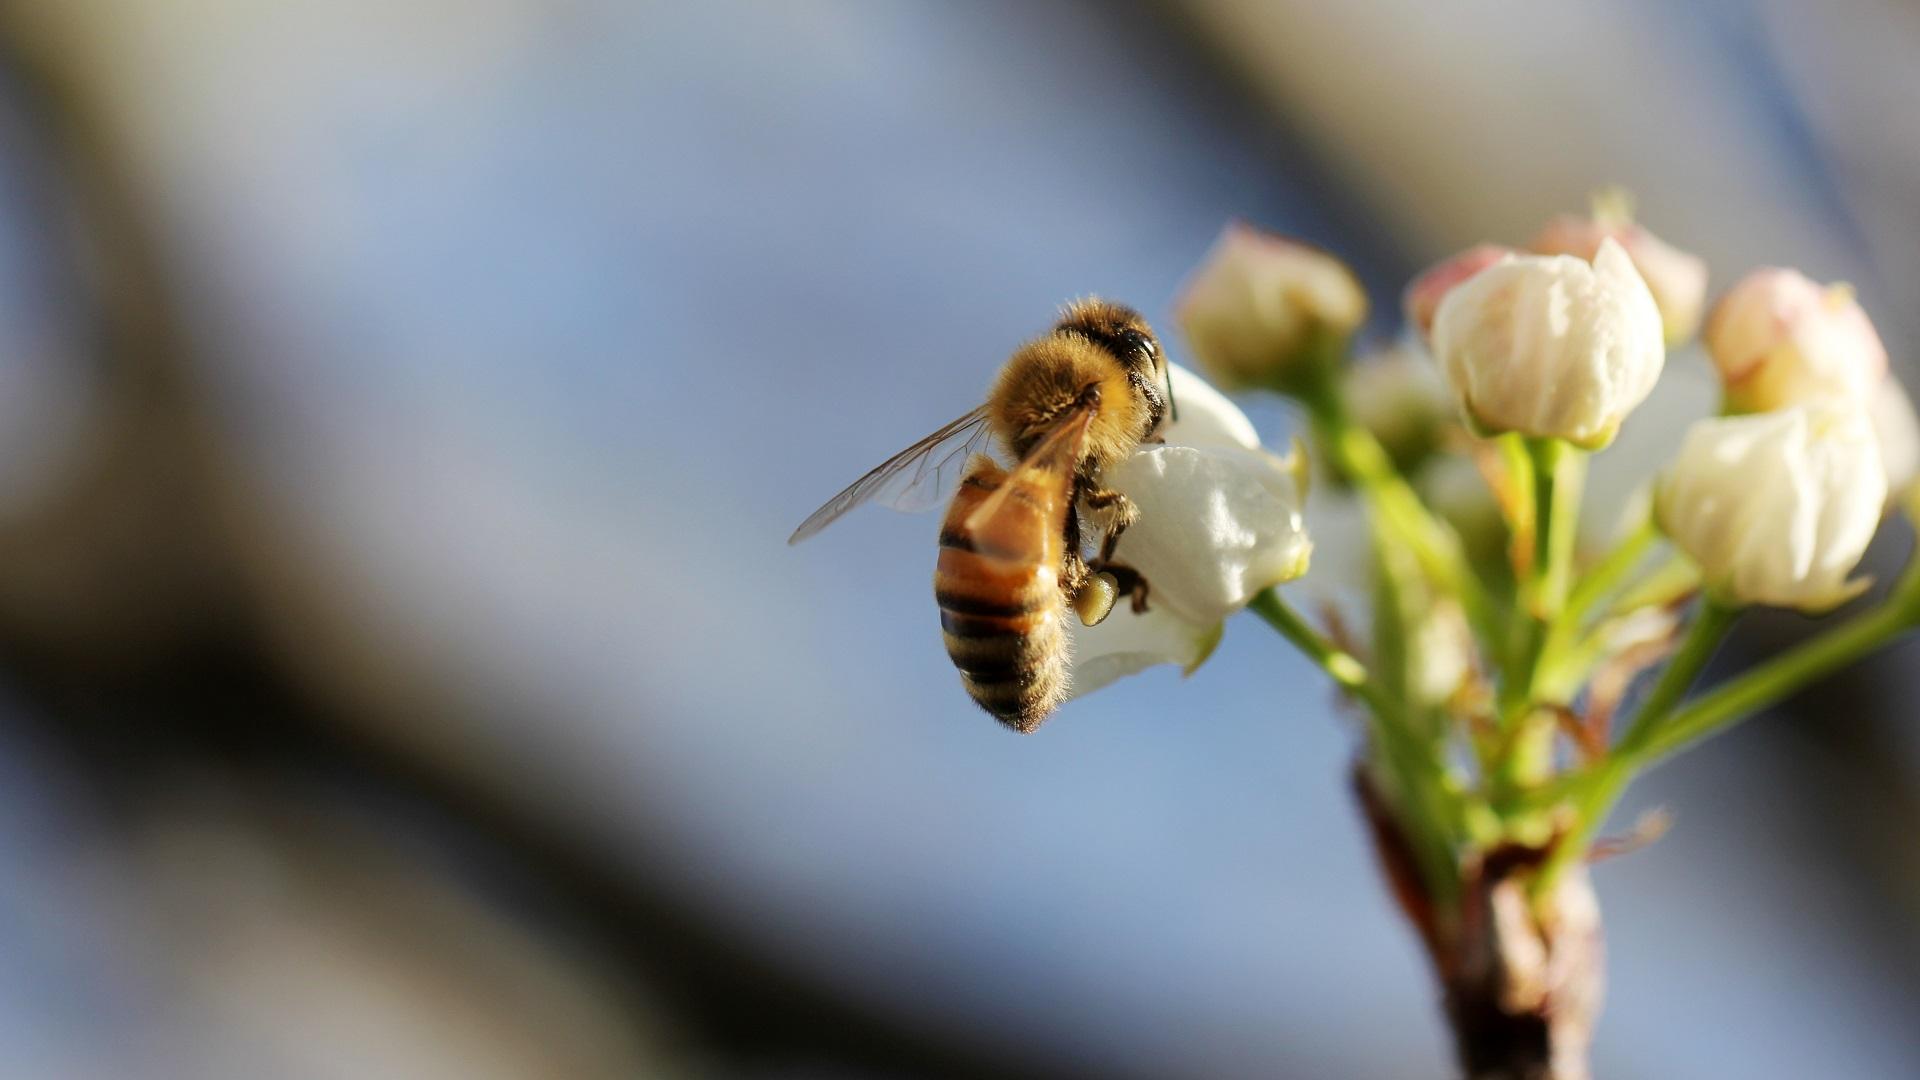 Los insectos son los que más riesgo de extinción corren, de acuerdo con los científicos. Foto de Sandy Millar / Unsplash